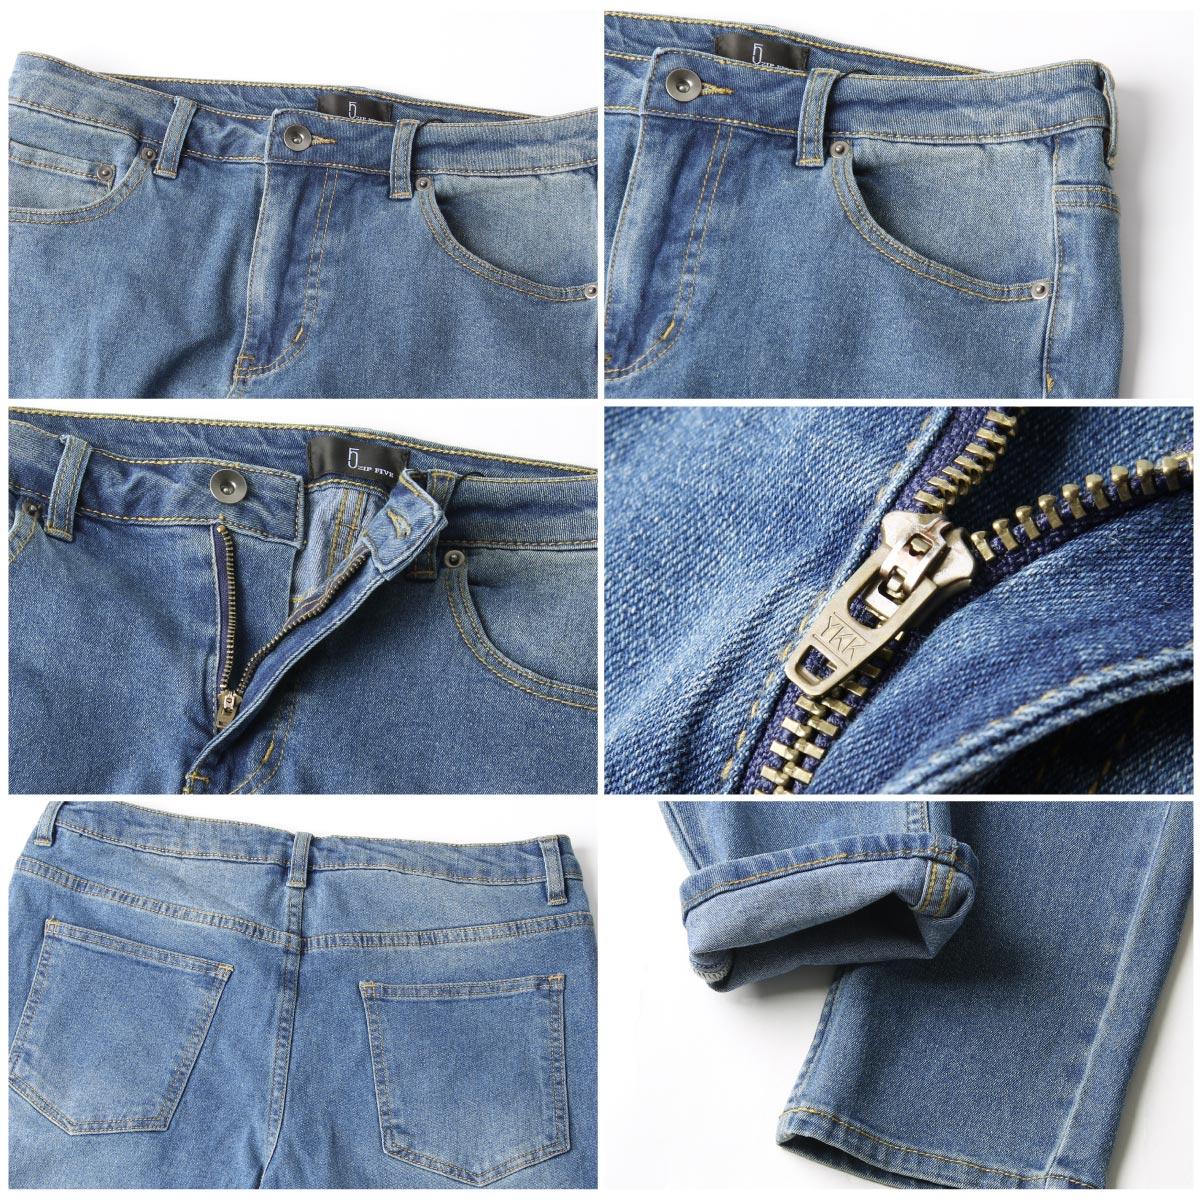 窄管牛仔褲 伸縮彈性 4